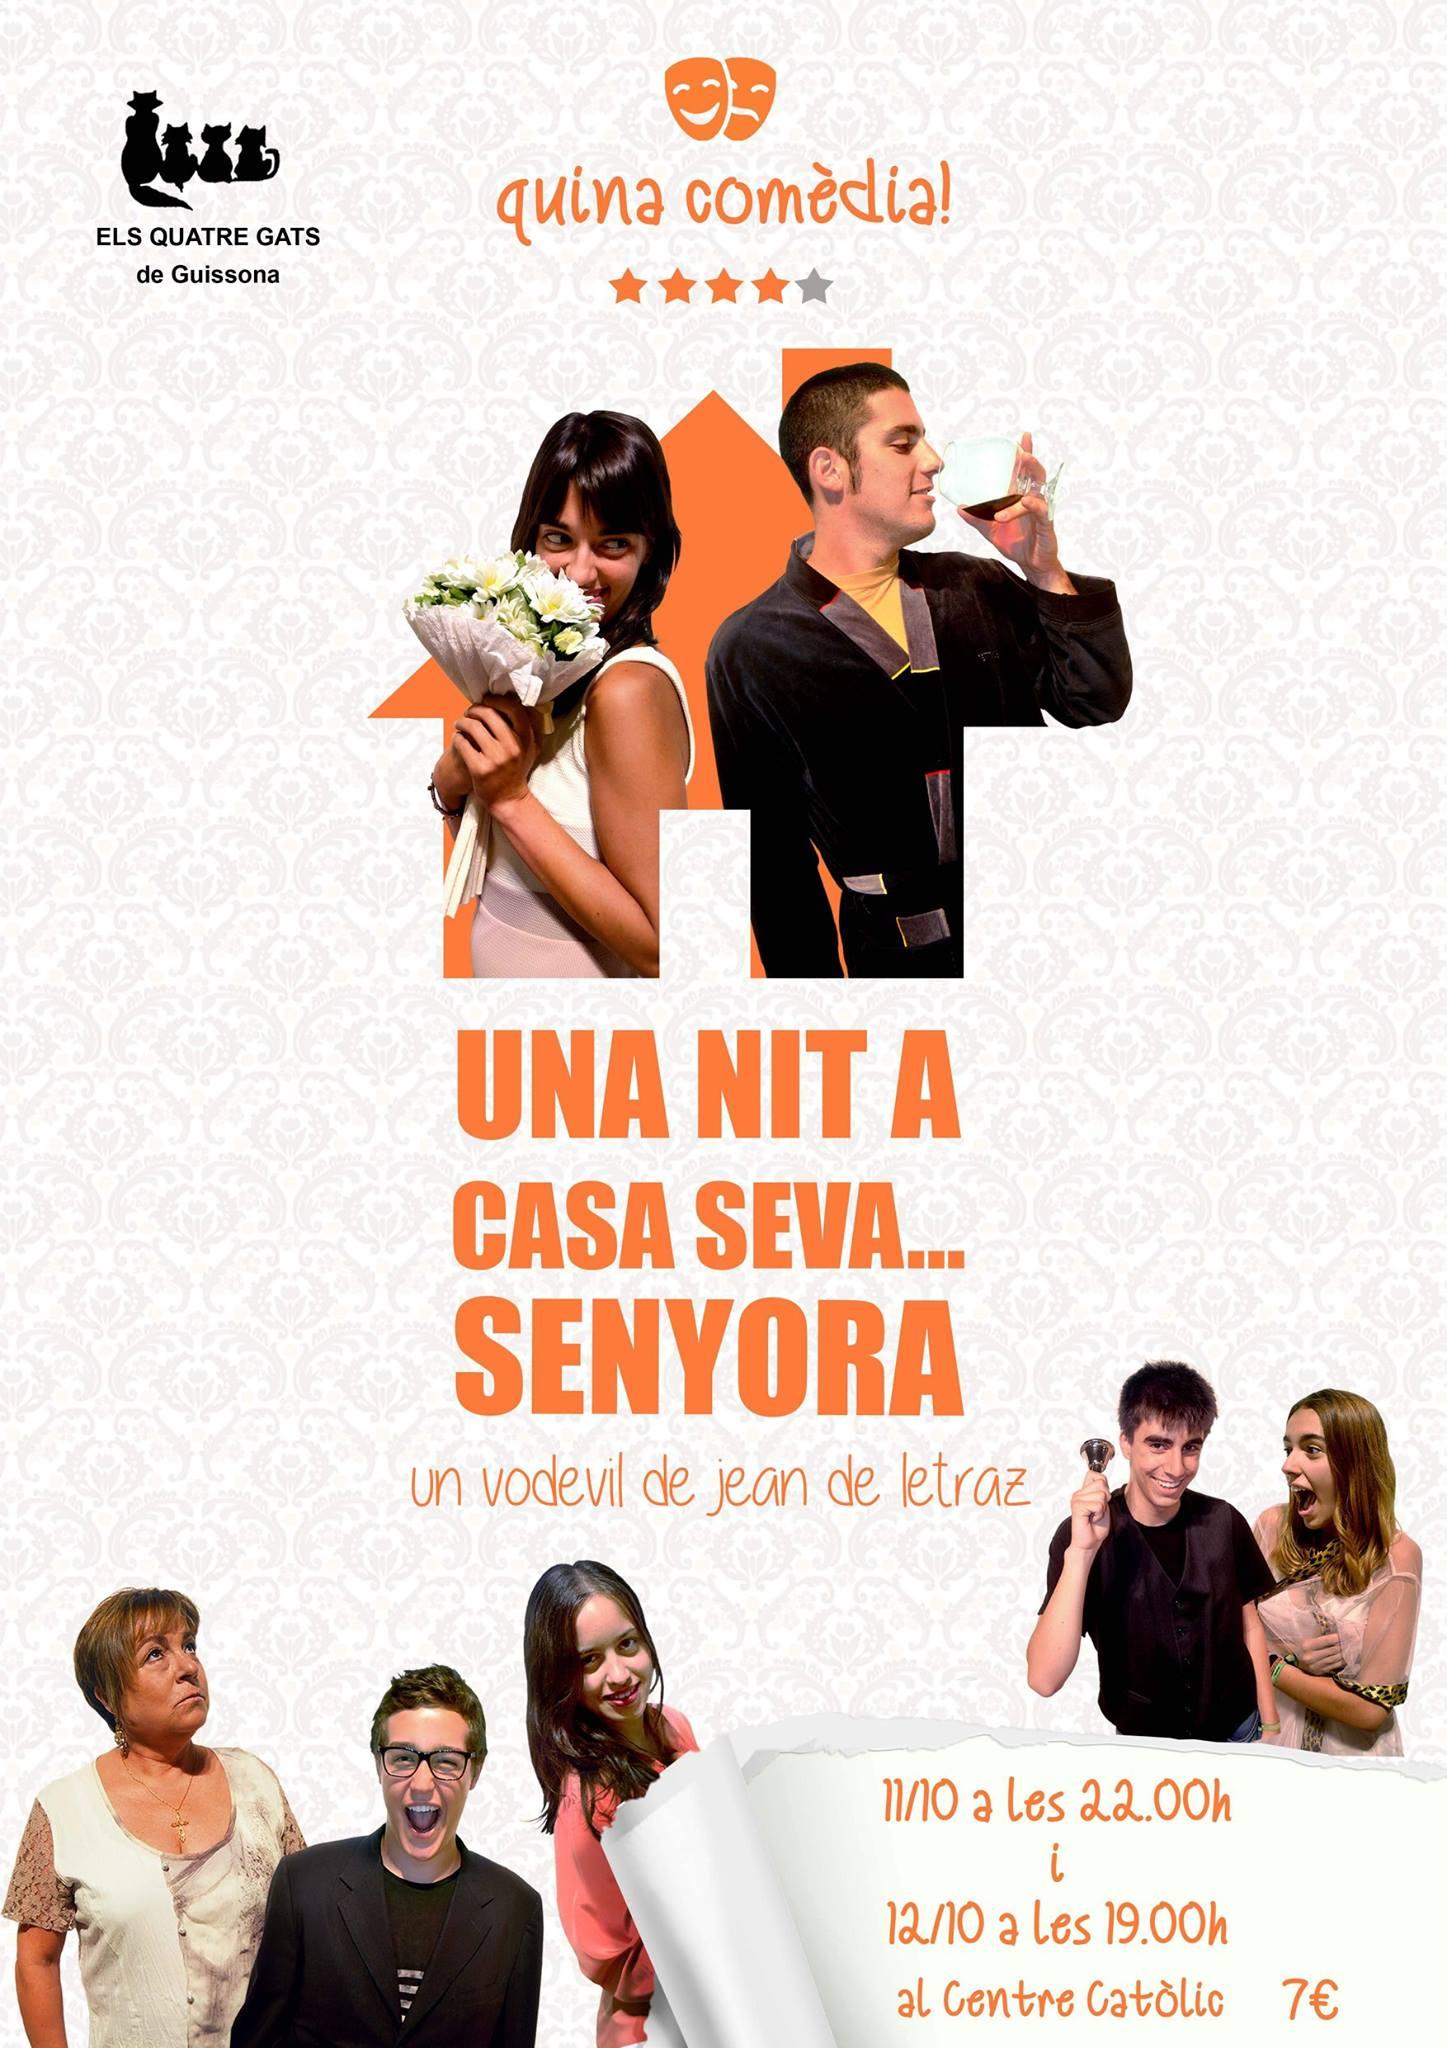 cartell vodevil 'Una nit a casa seva...senyora'